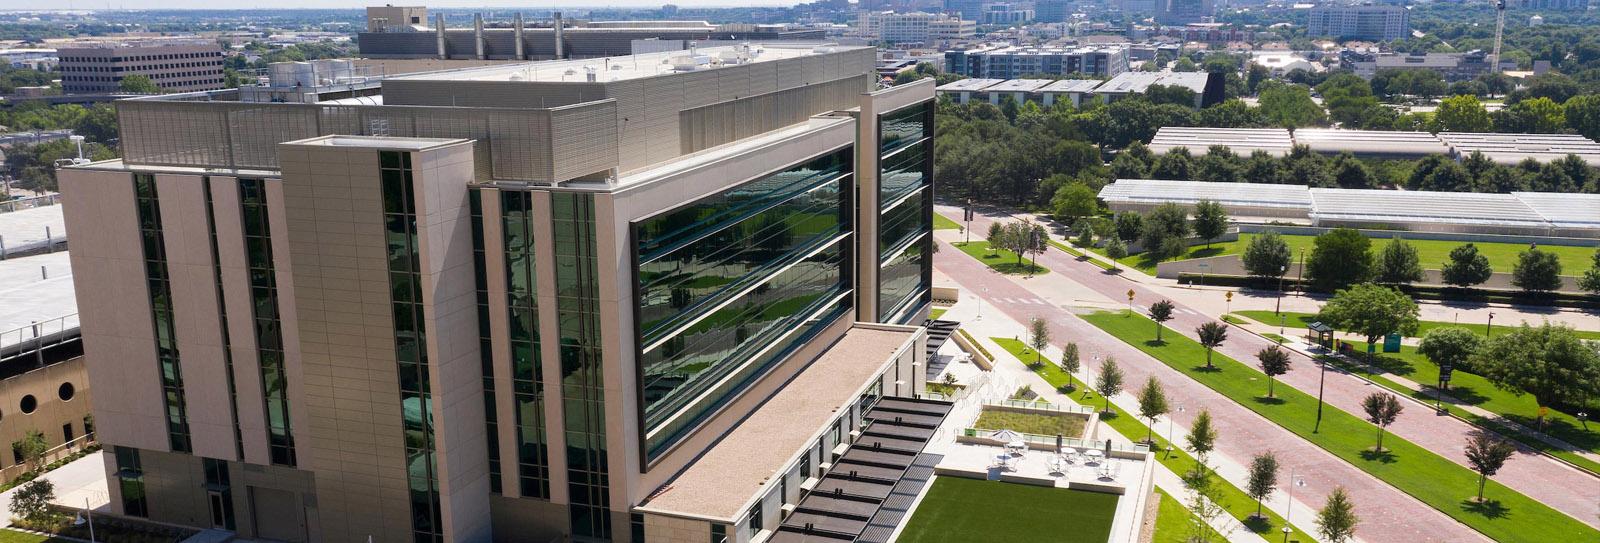 UNTHSC Building